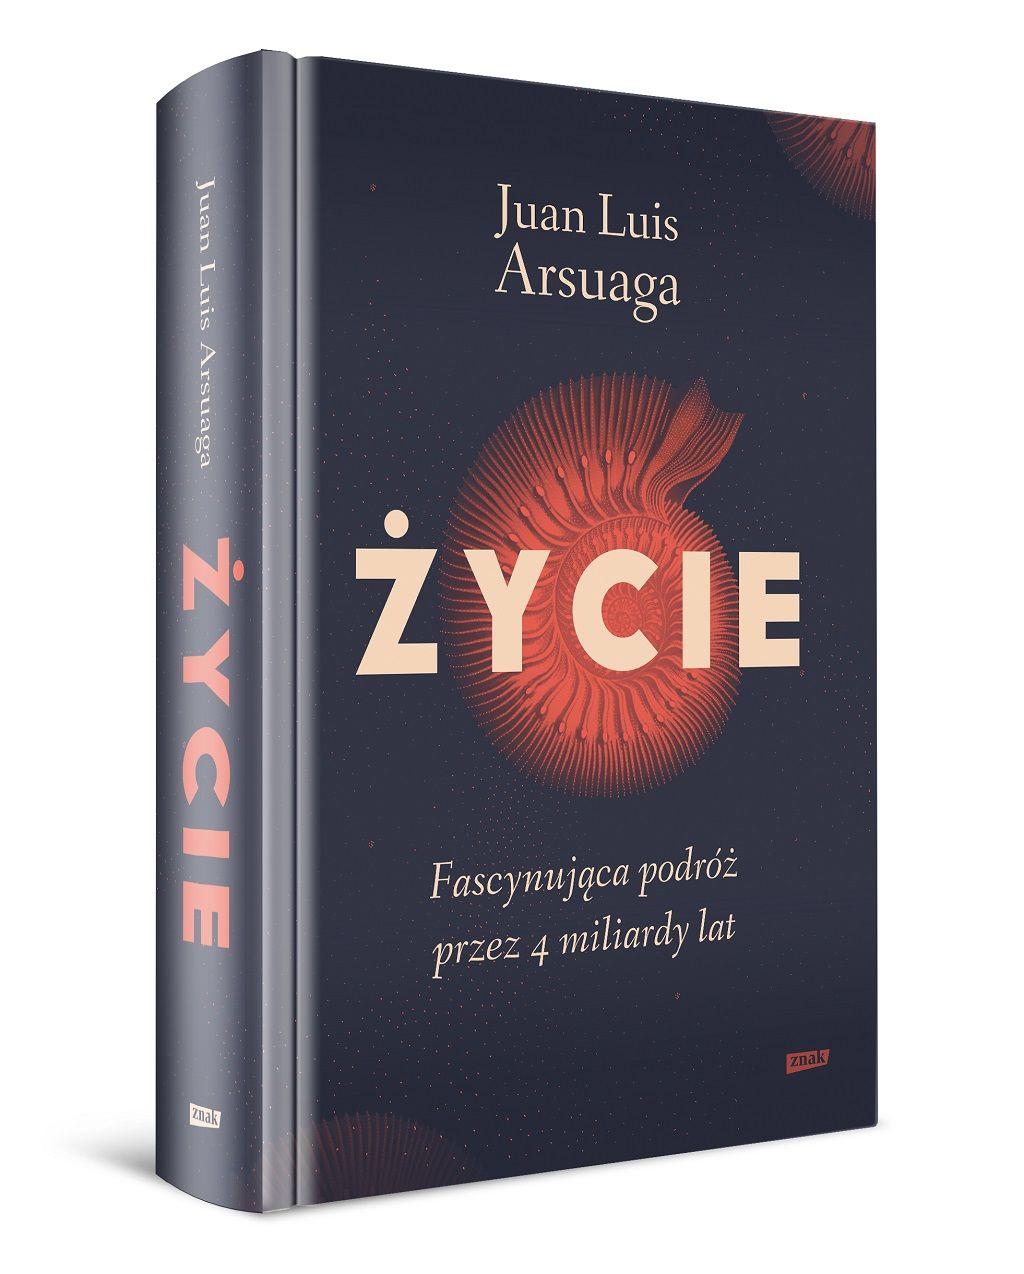 Juan Luis Arsuaga – Życie. Fascynująca podróż przez 4 miliardy lat